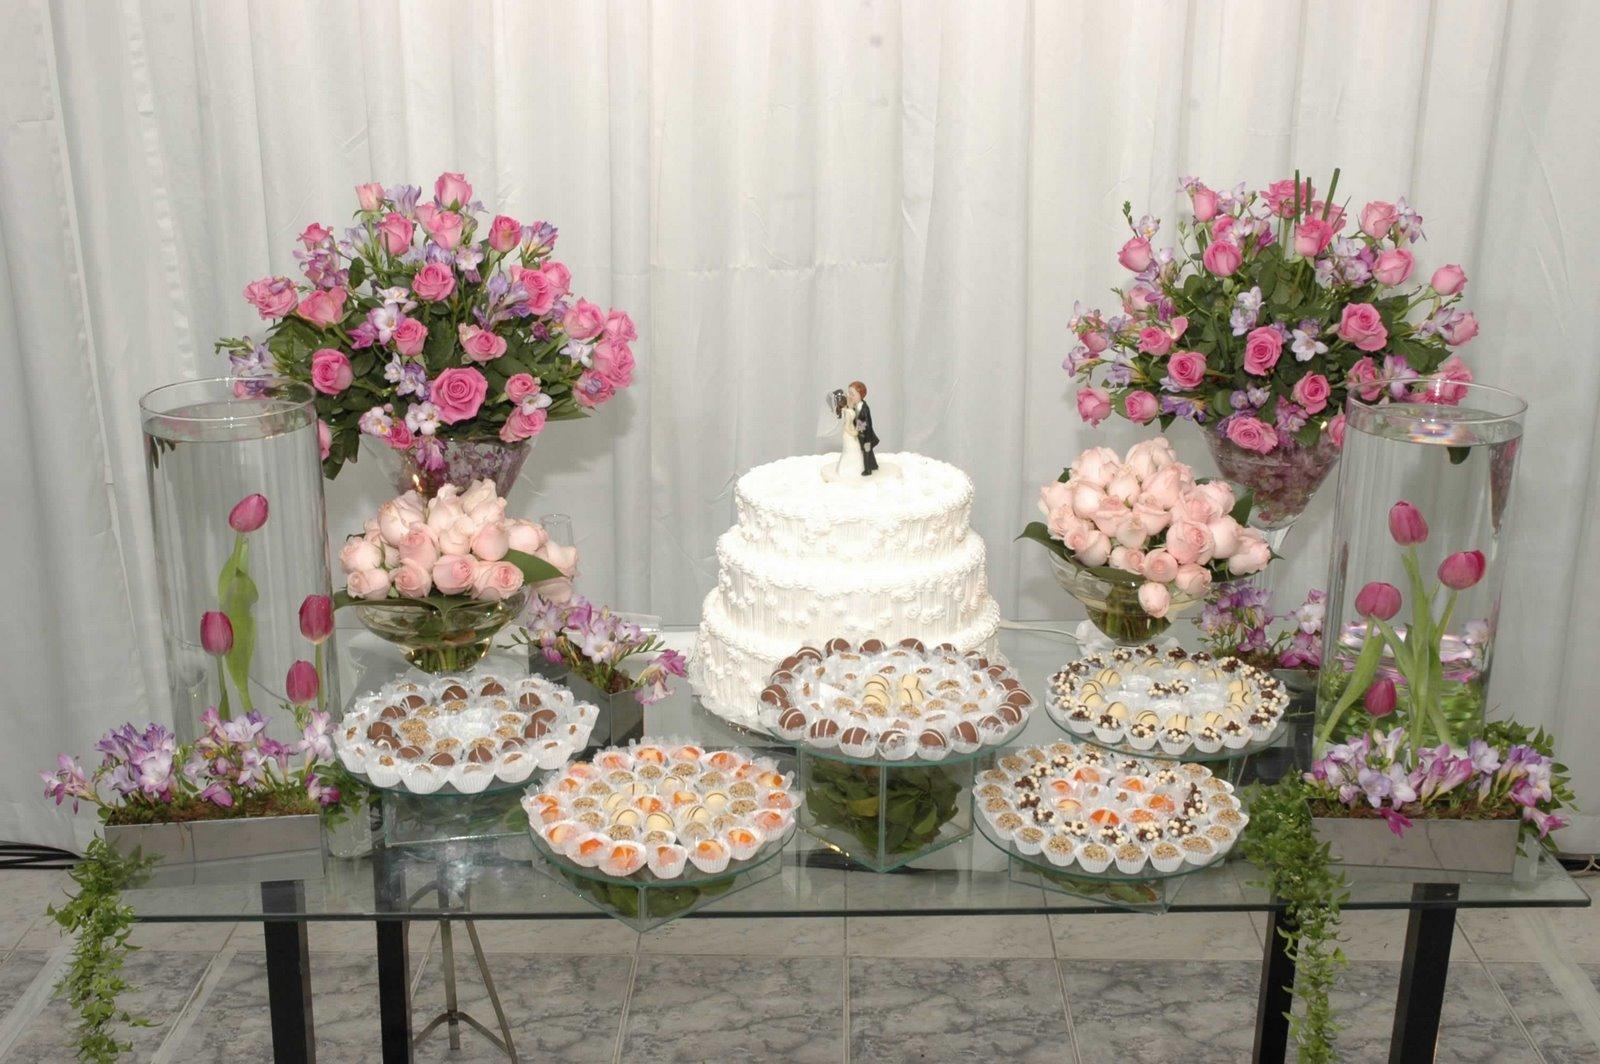 decoracao para casamento em sitio:terça feira 14 de junho de 2011 decoração de mesas de casamento